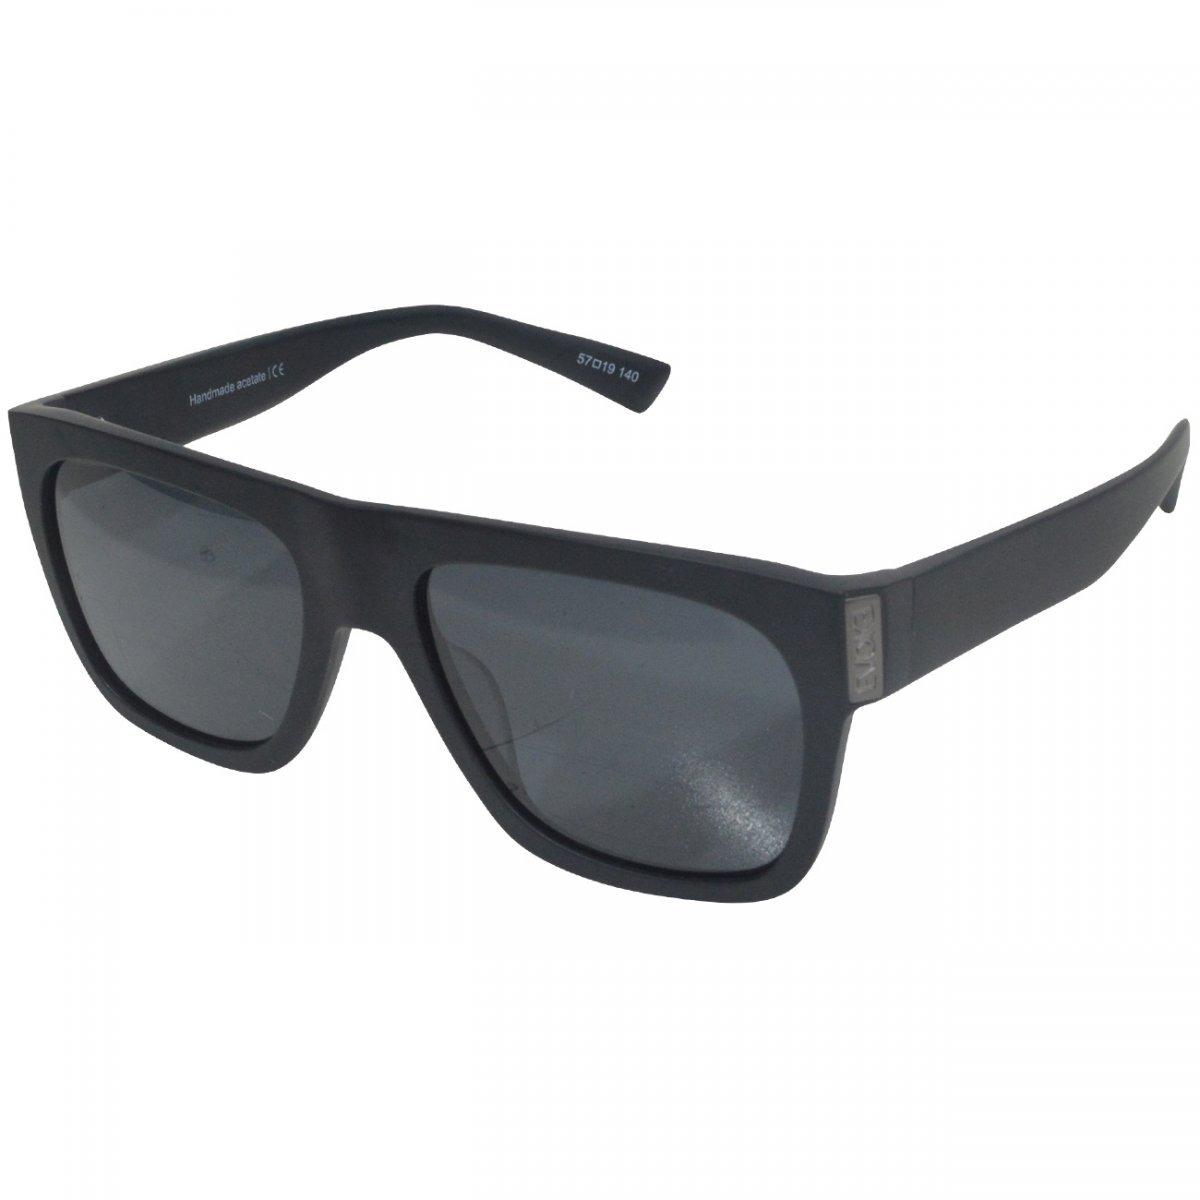 12507aee1 Oculos Evoke Reveal 2 Polarizado - R$ 499,99 em Mercado Livre